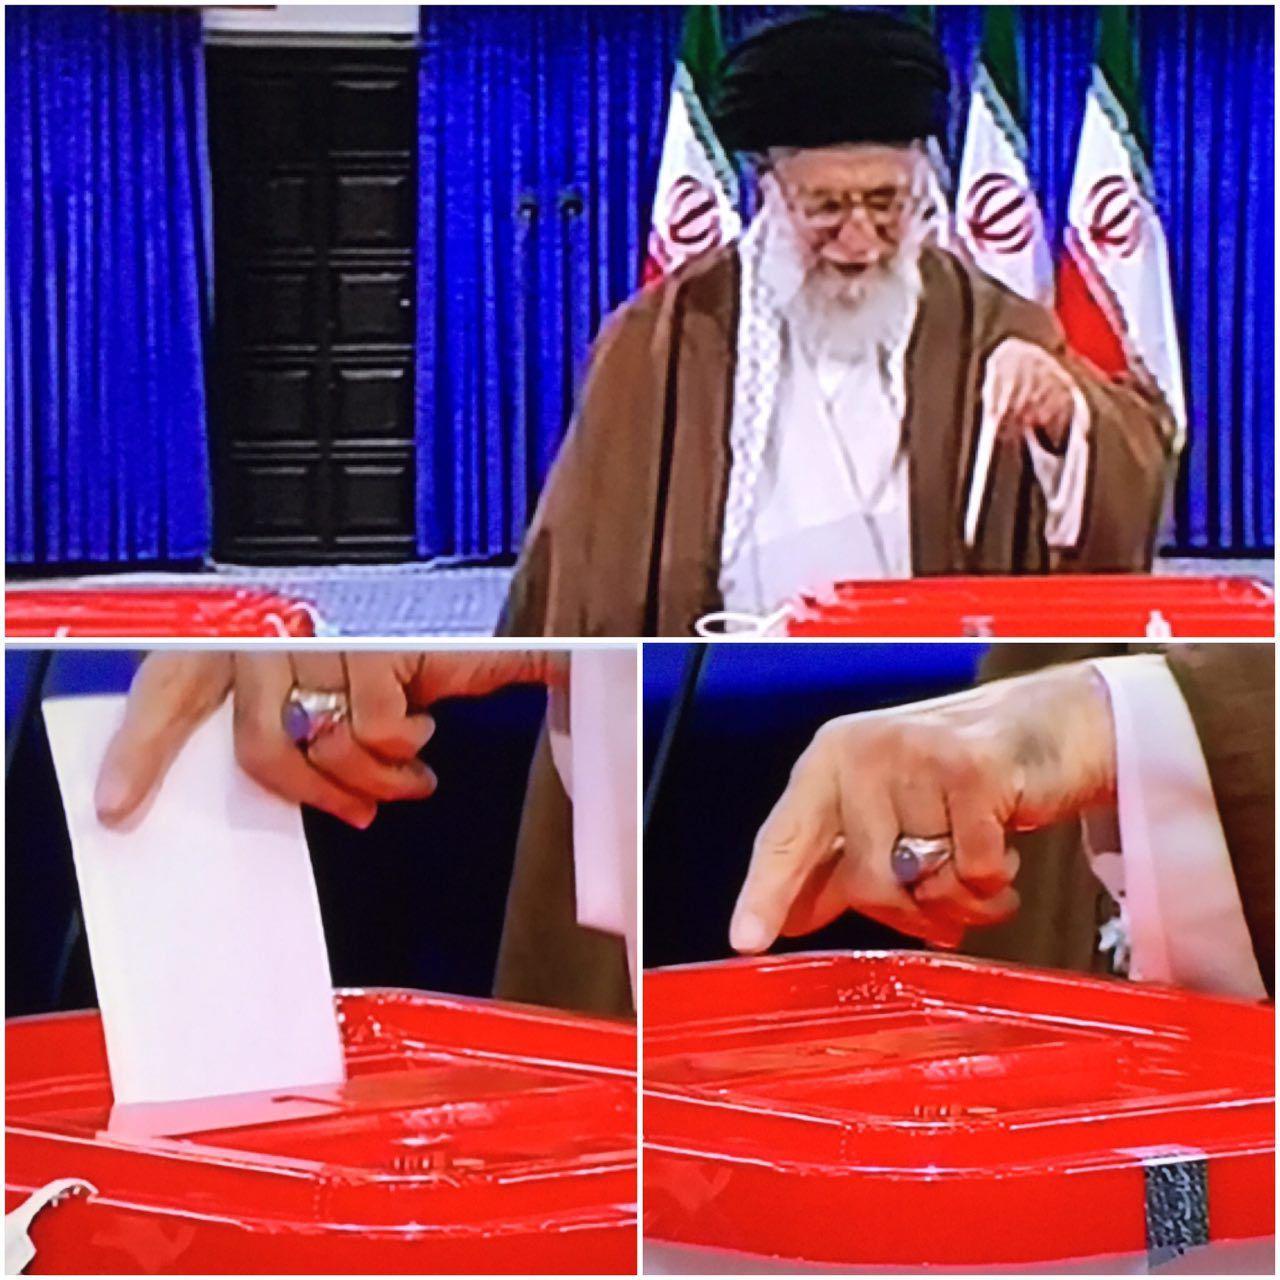 انگشتر رهبر انقلاب هنگام رای دادن/تصویر